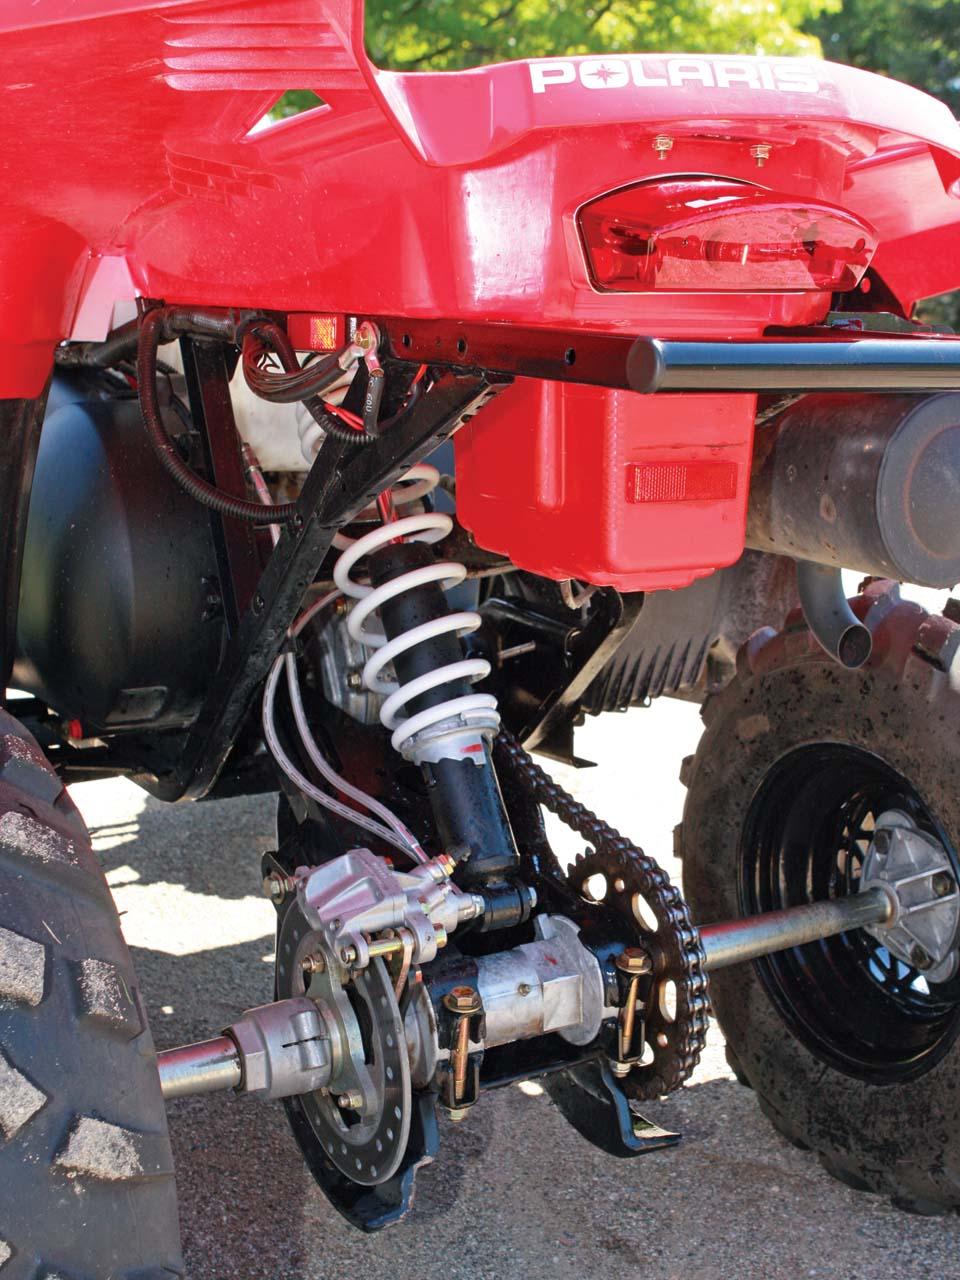 medium resolution of 2011 polaris scrambler500 close up rear suspension jpg